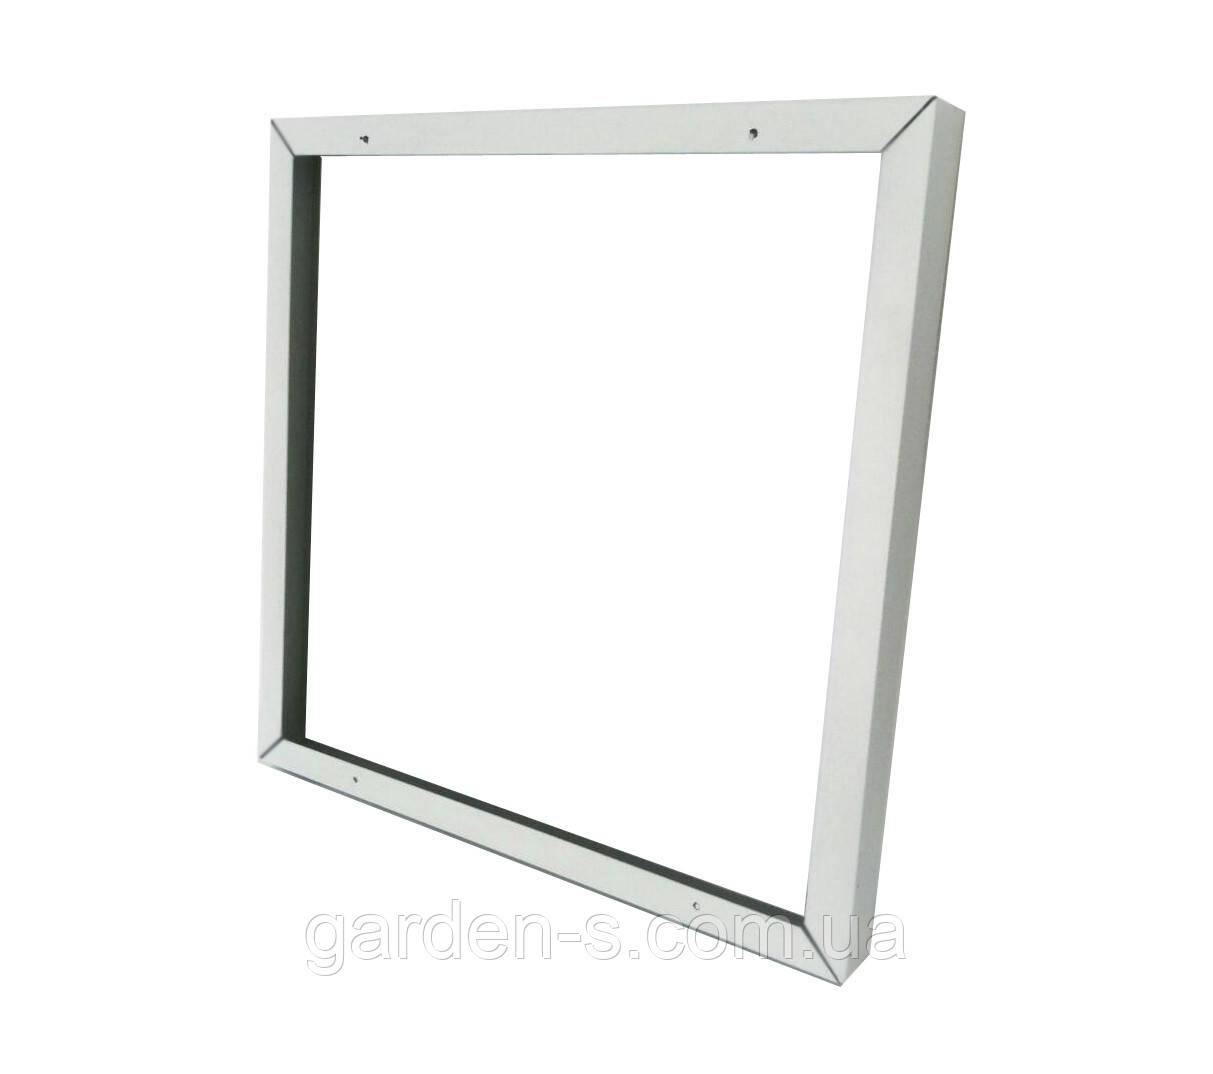 Накладная рамка для светодиодных панелей 36Вт (596*596)